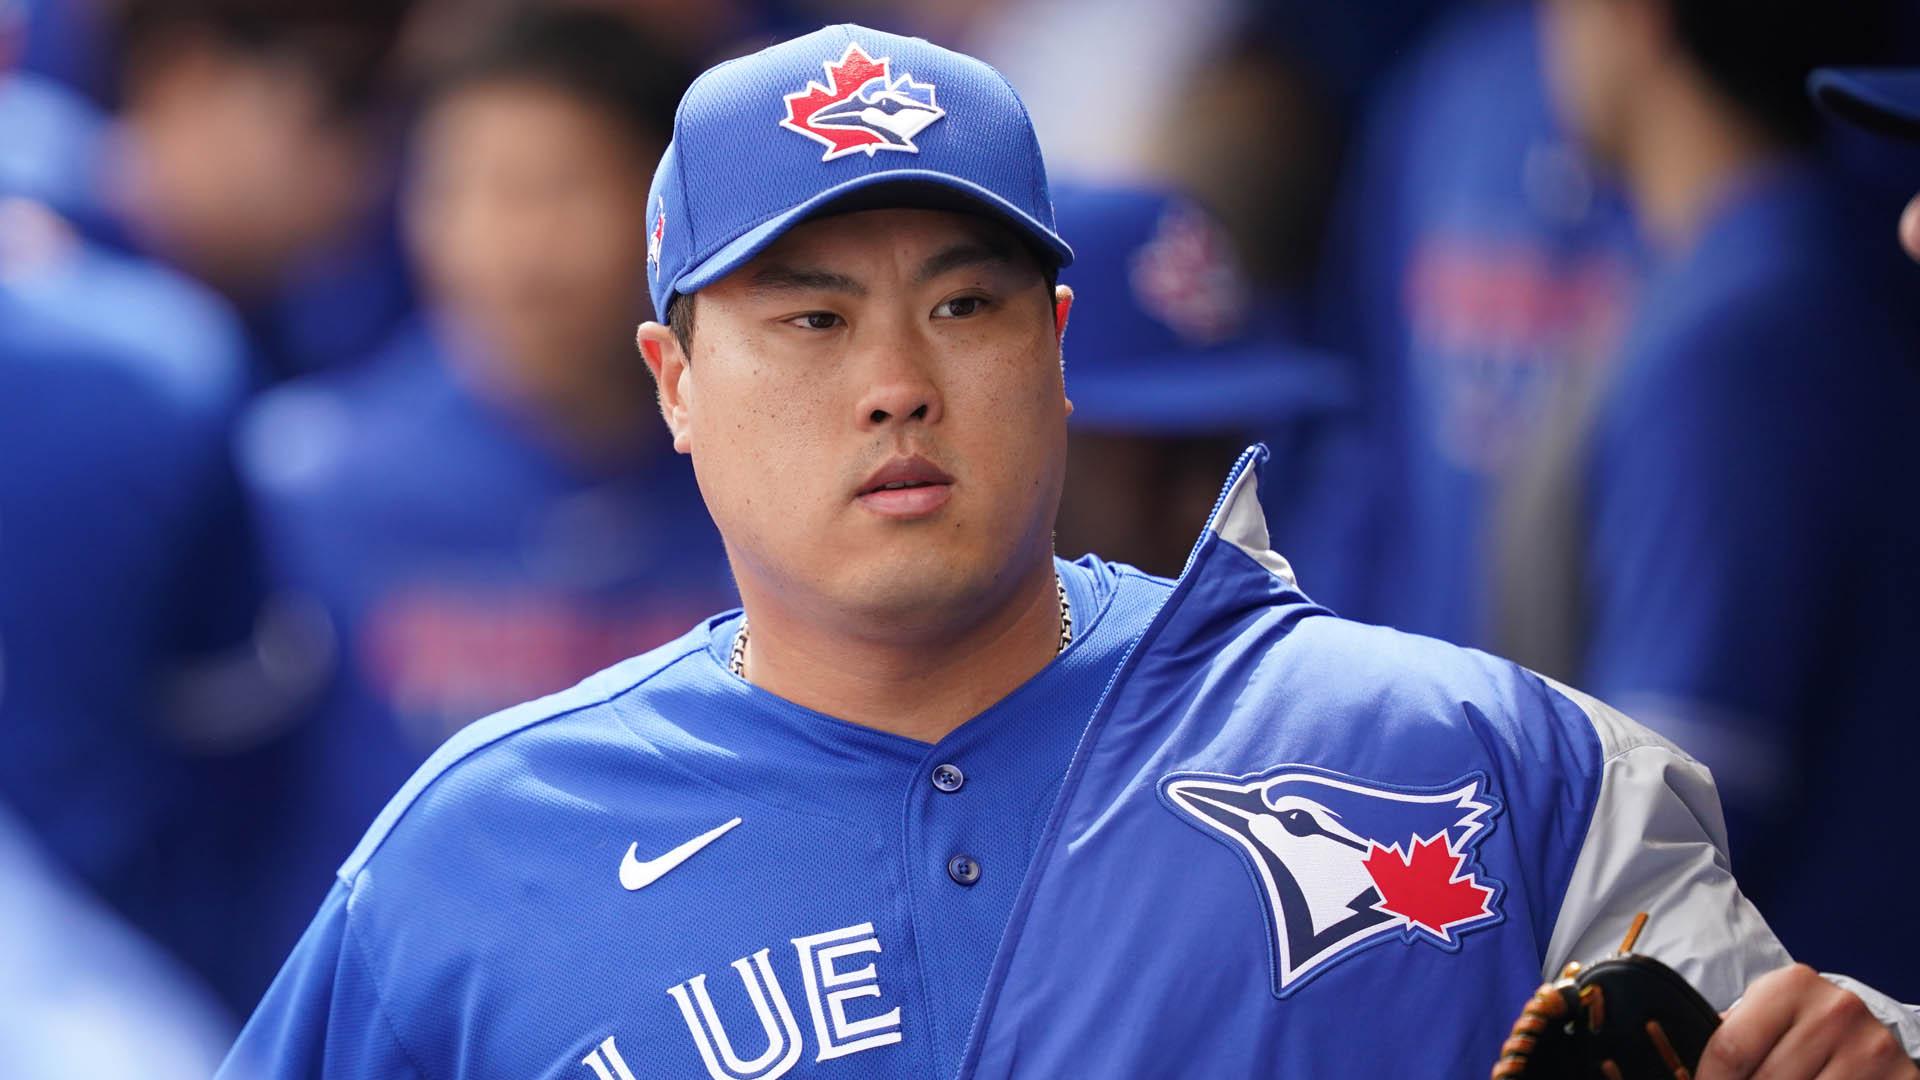 류현진, 시범등판서 첫 홈런 허용…2이닝 1실점